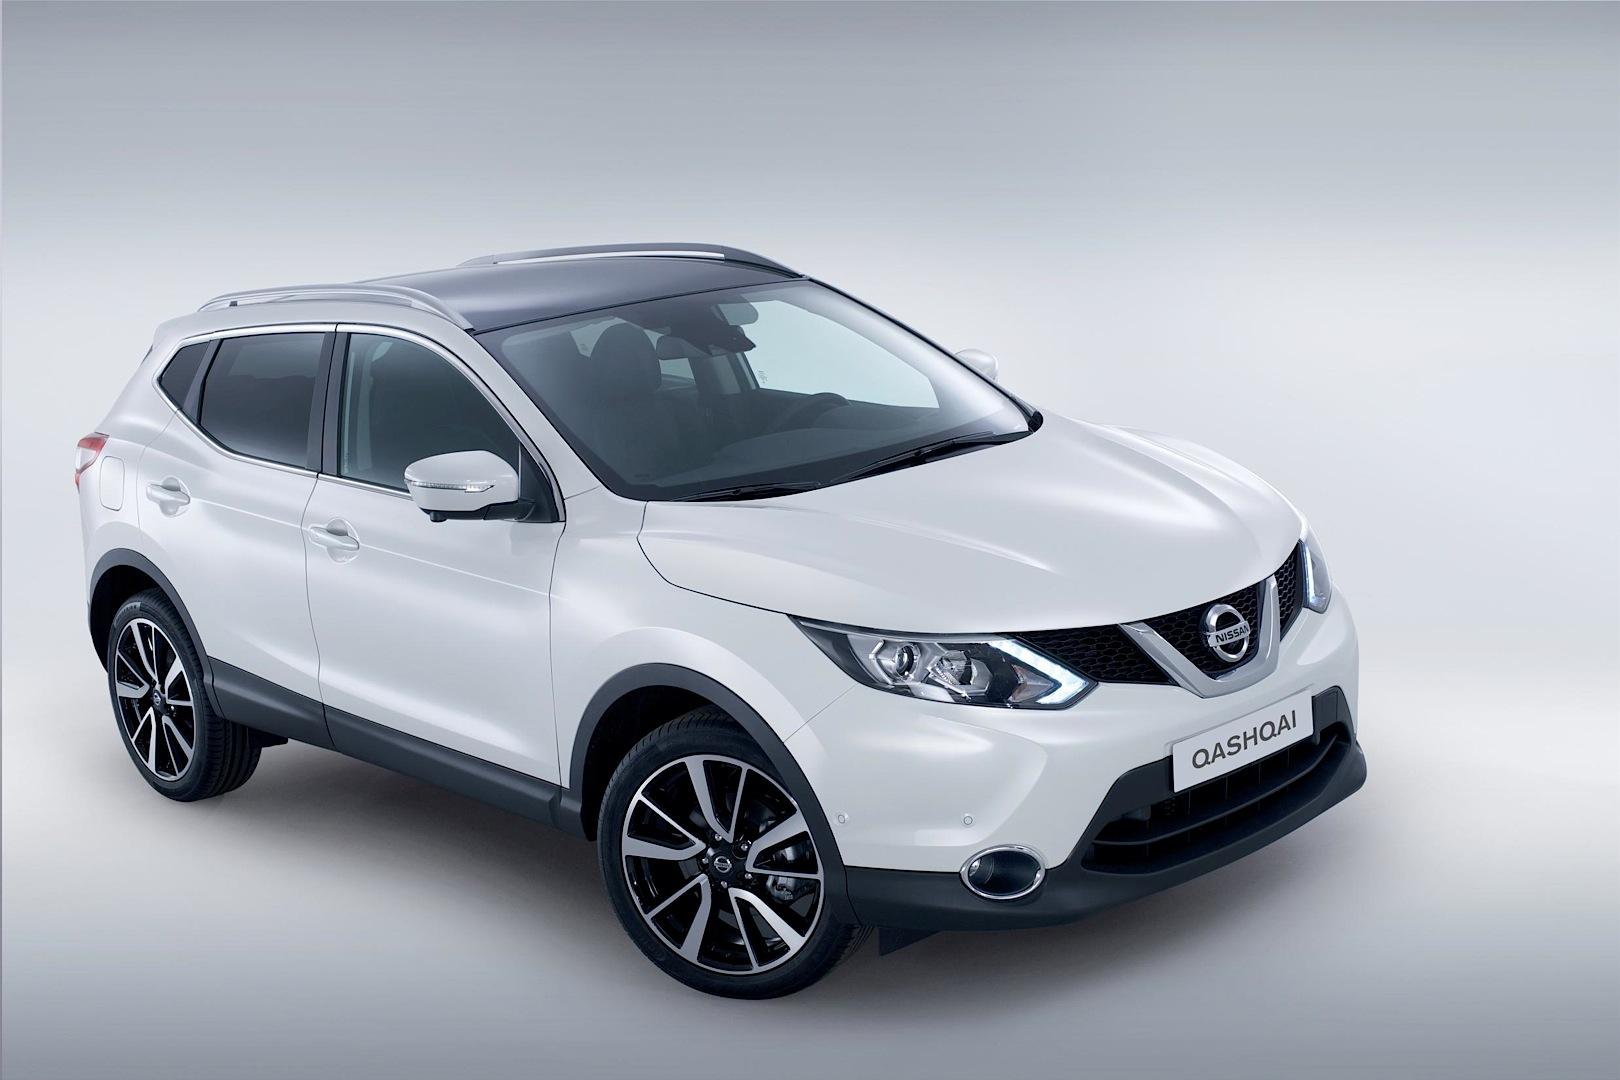 Nissan-Qashqai-2014-09.jpg